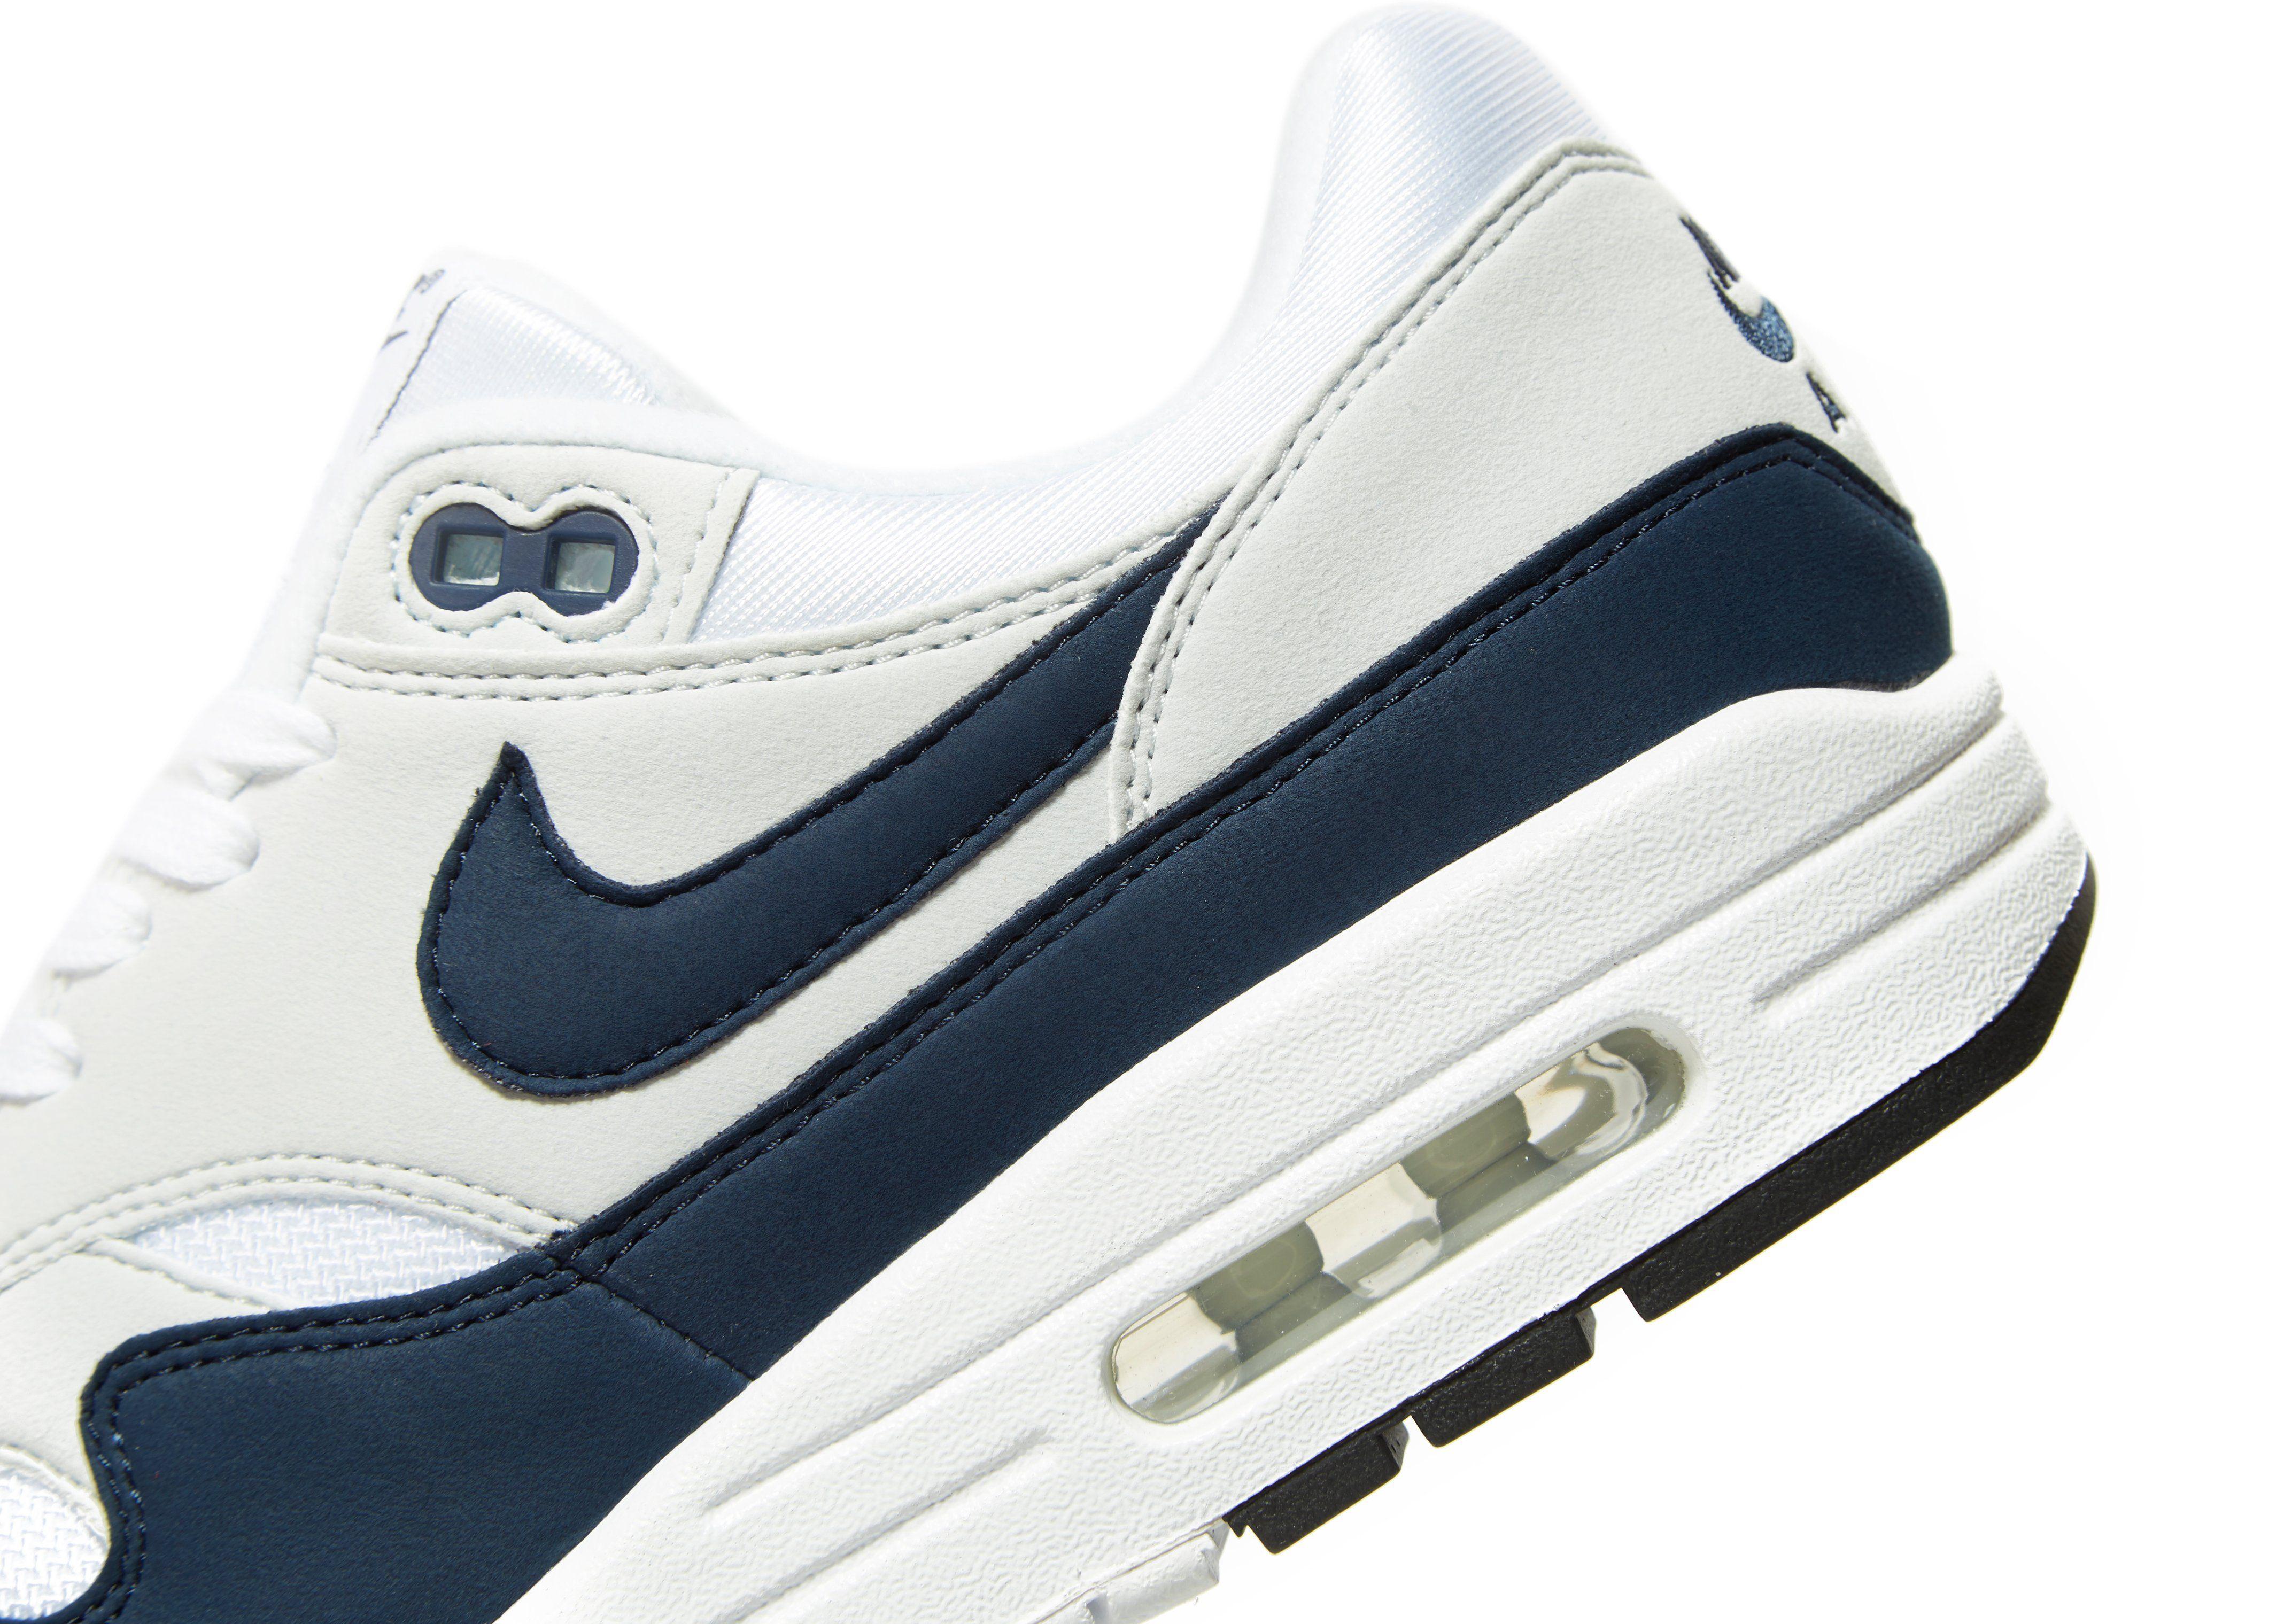 Verkauf Sneakernews Steckdose Zuverlässig Nike Air Max 1 Damen Blau 2ucqh